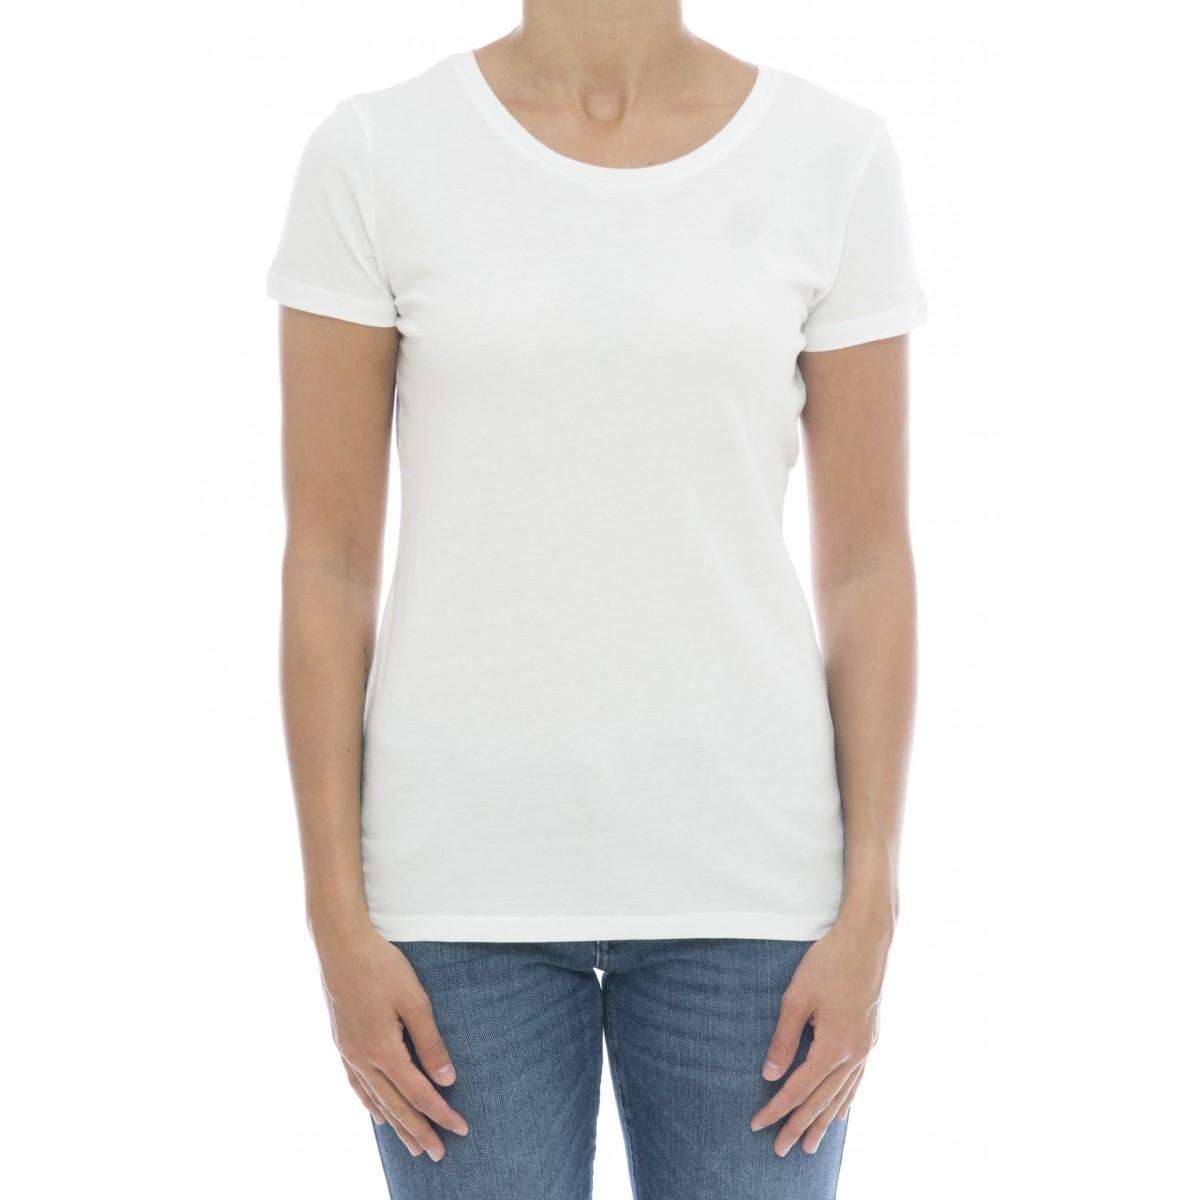 T-shirt - Fts18 m007 t-shirt cotone deluxe